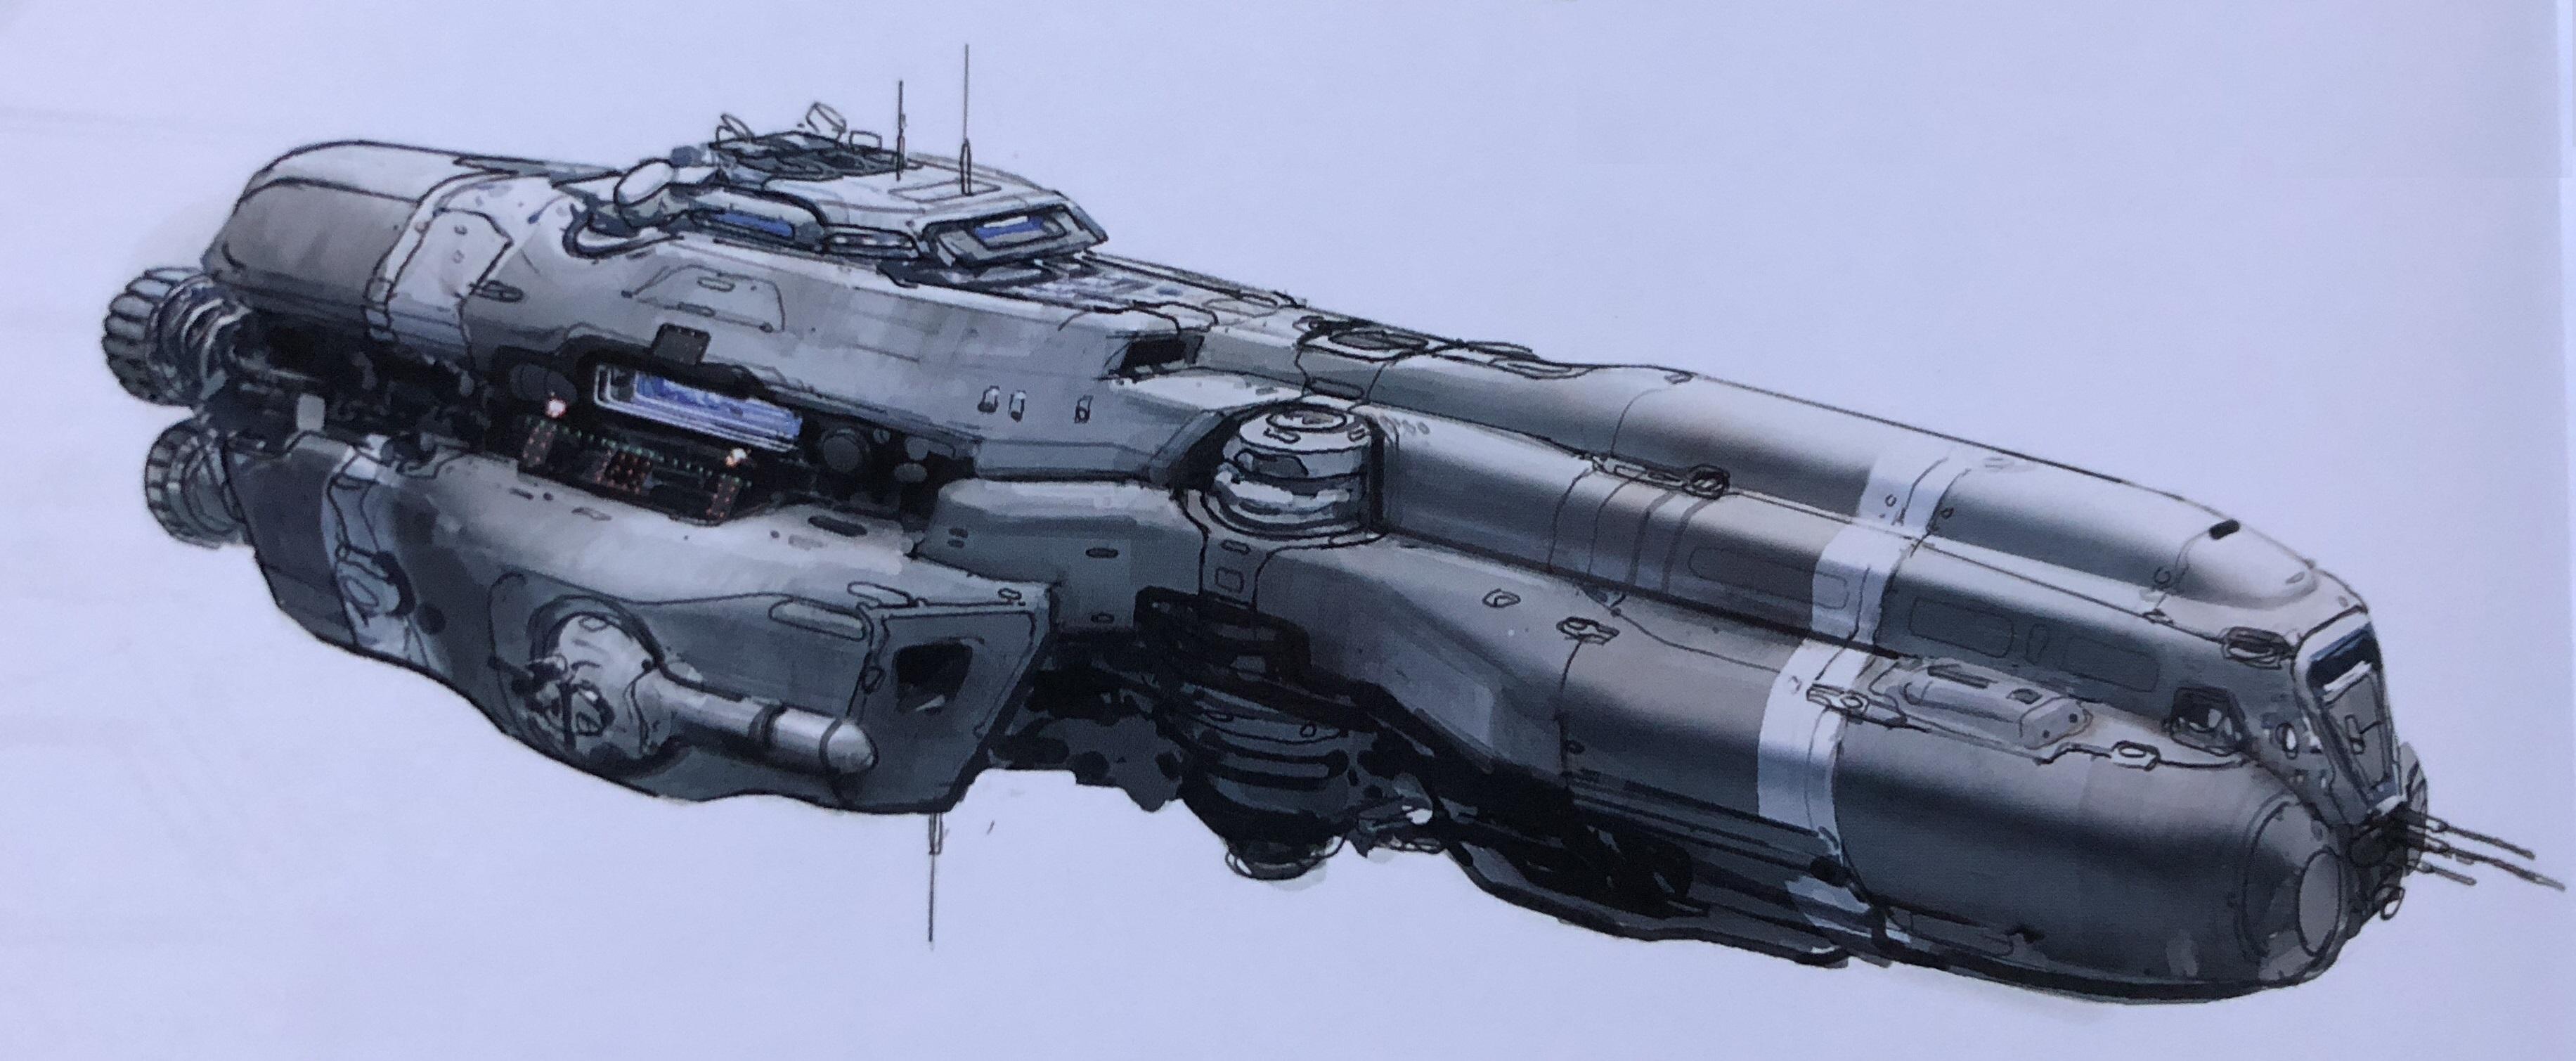 Argyre-class landing craft